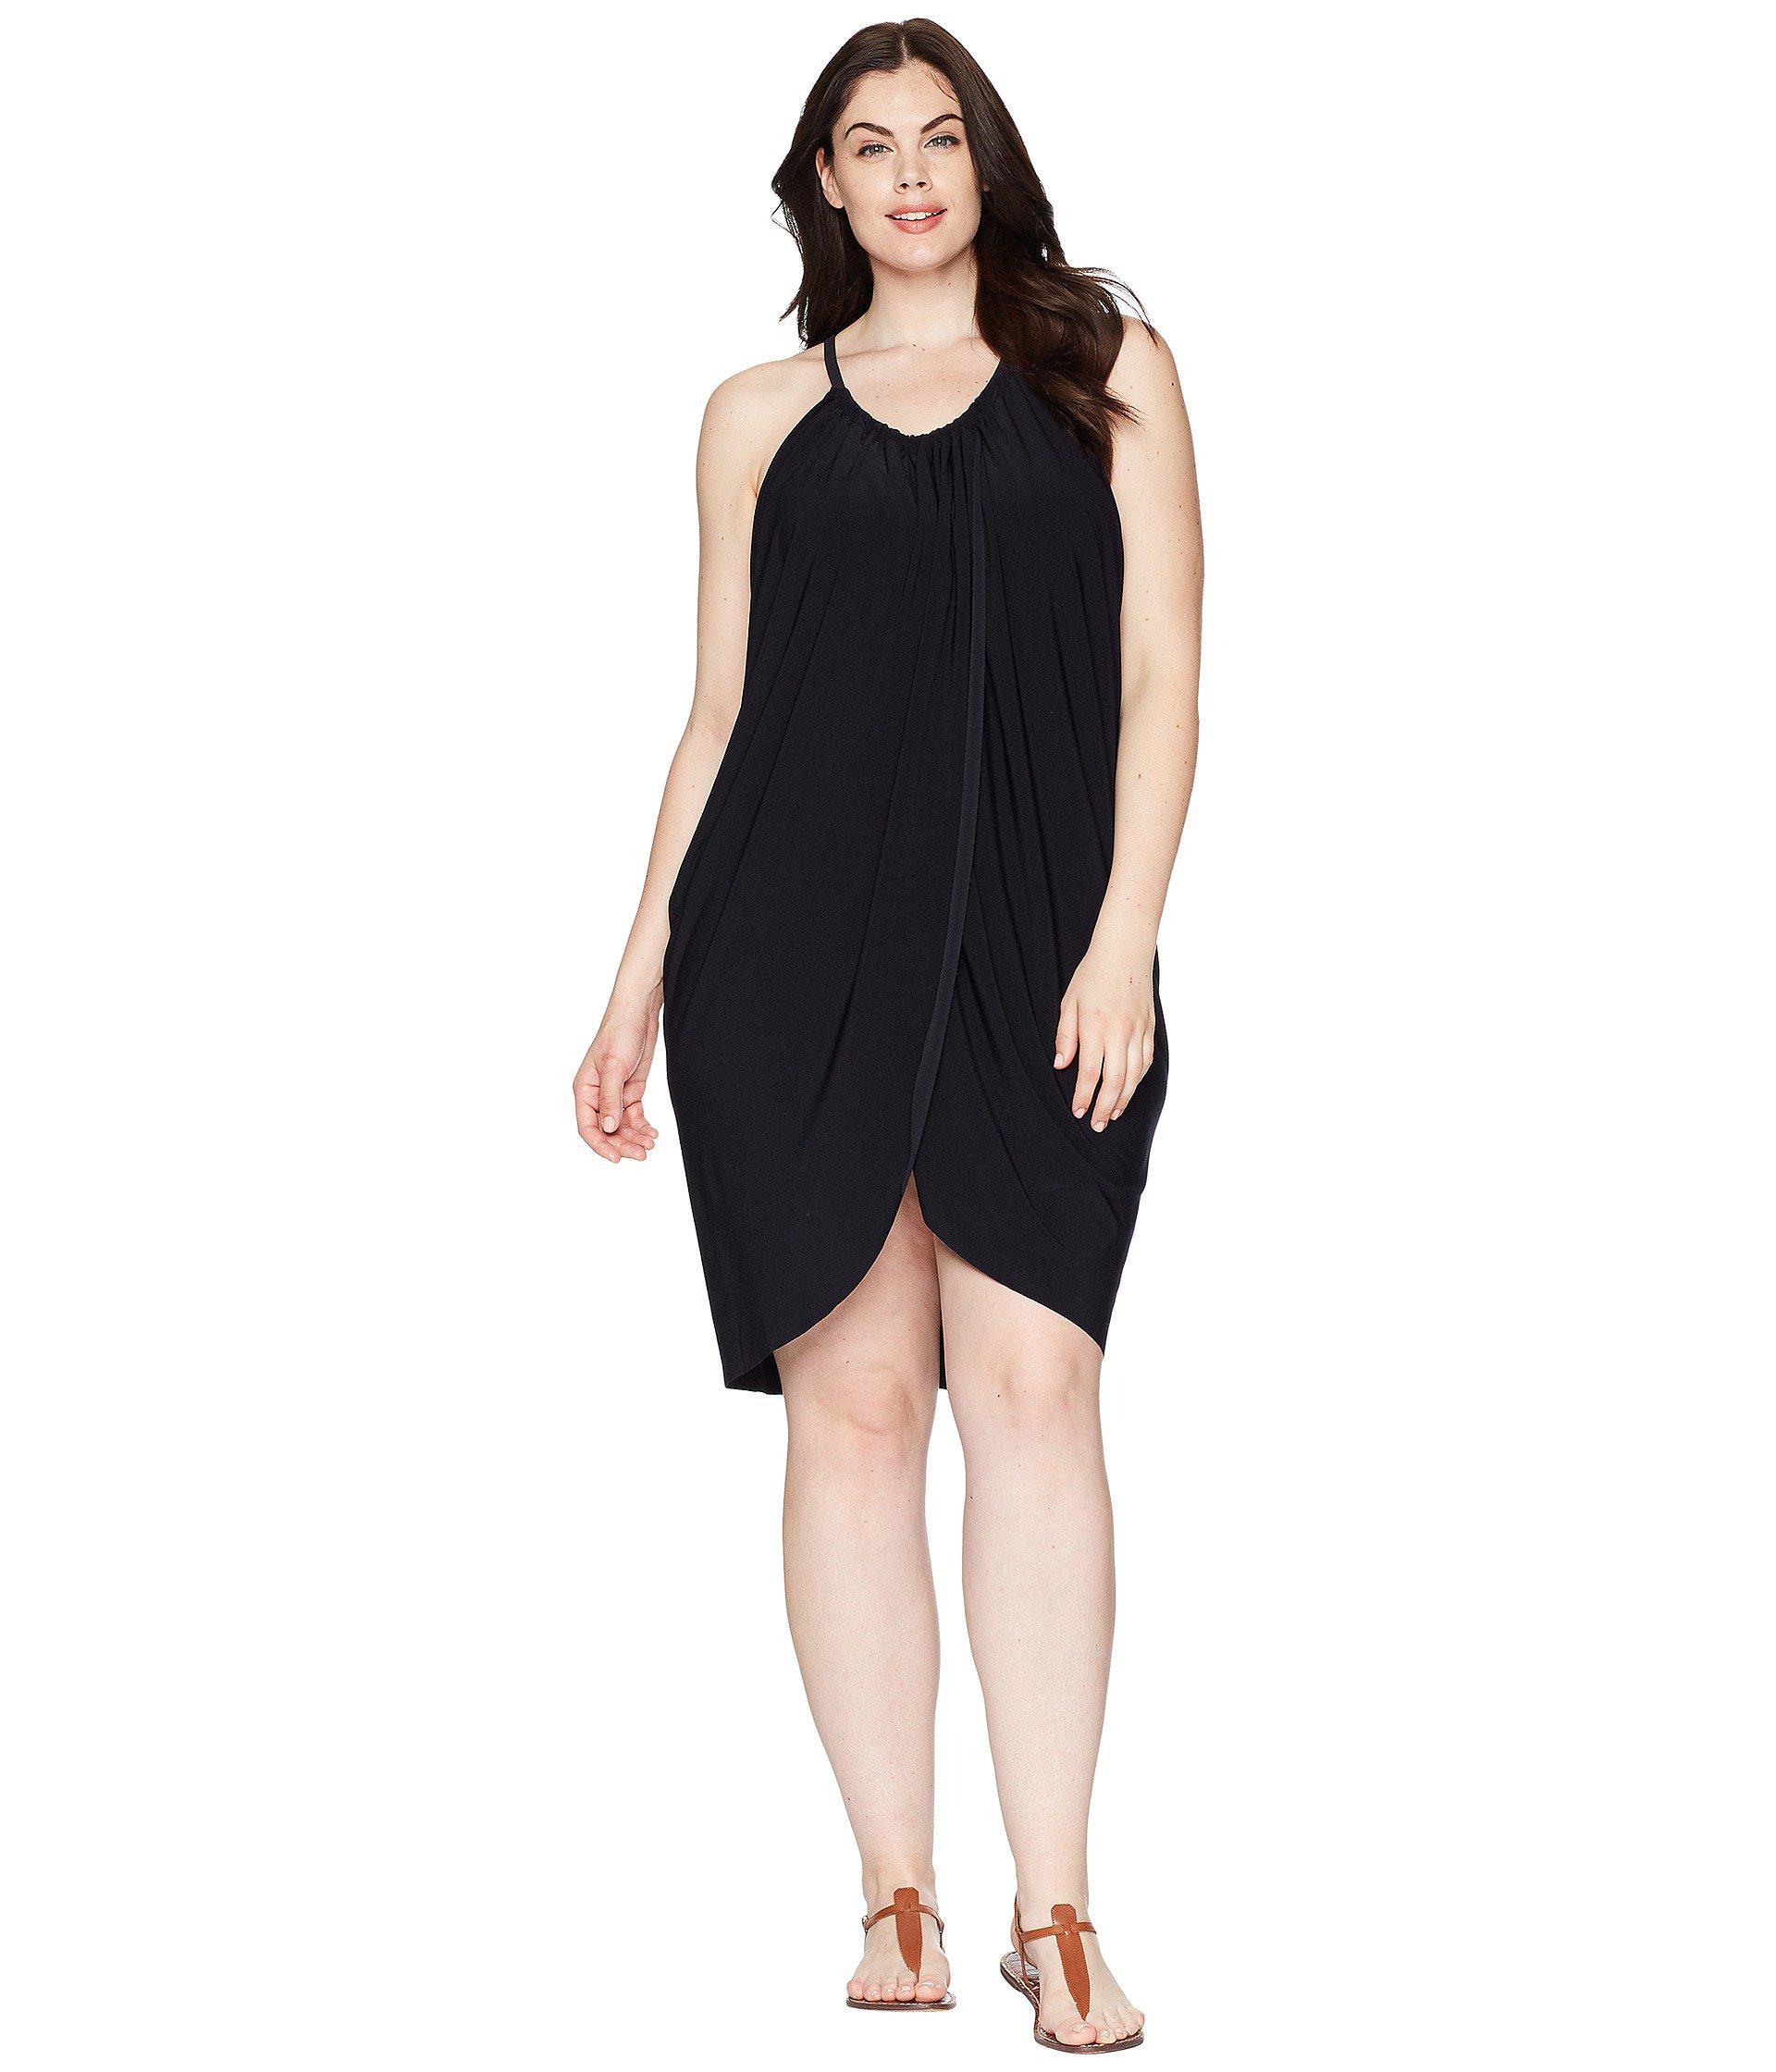 520c205d6d633 Lyst - Magicsuit Plus Size Draped Cover-up in Black